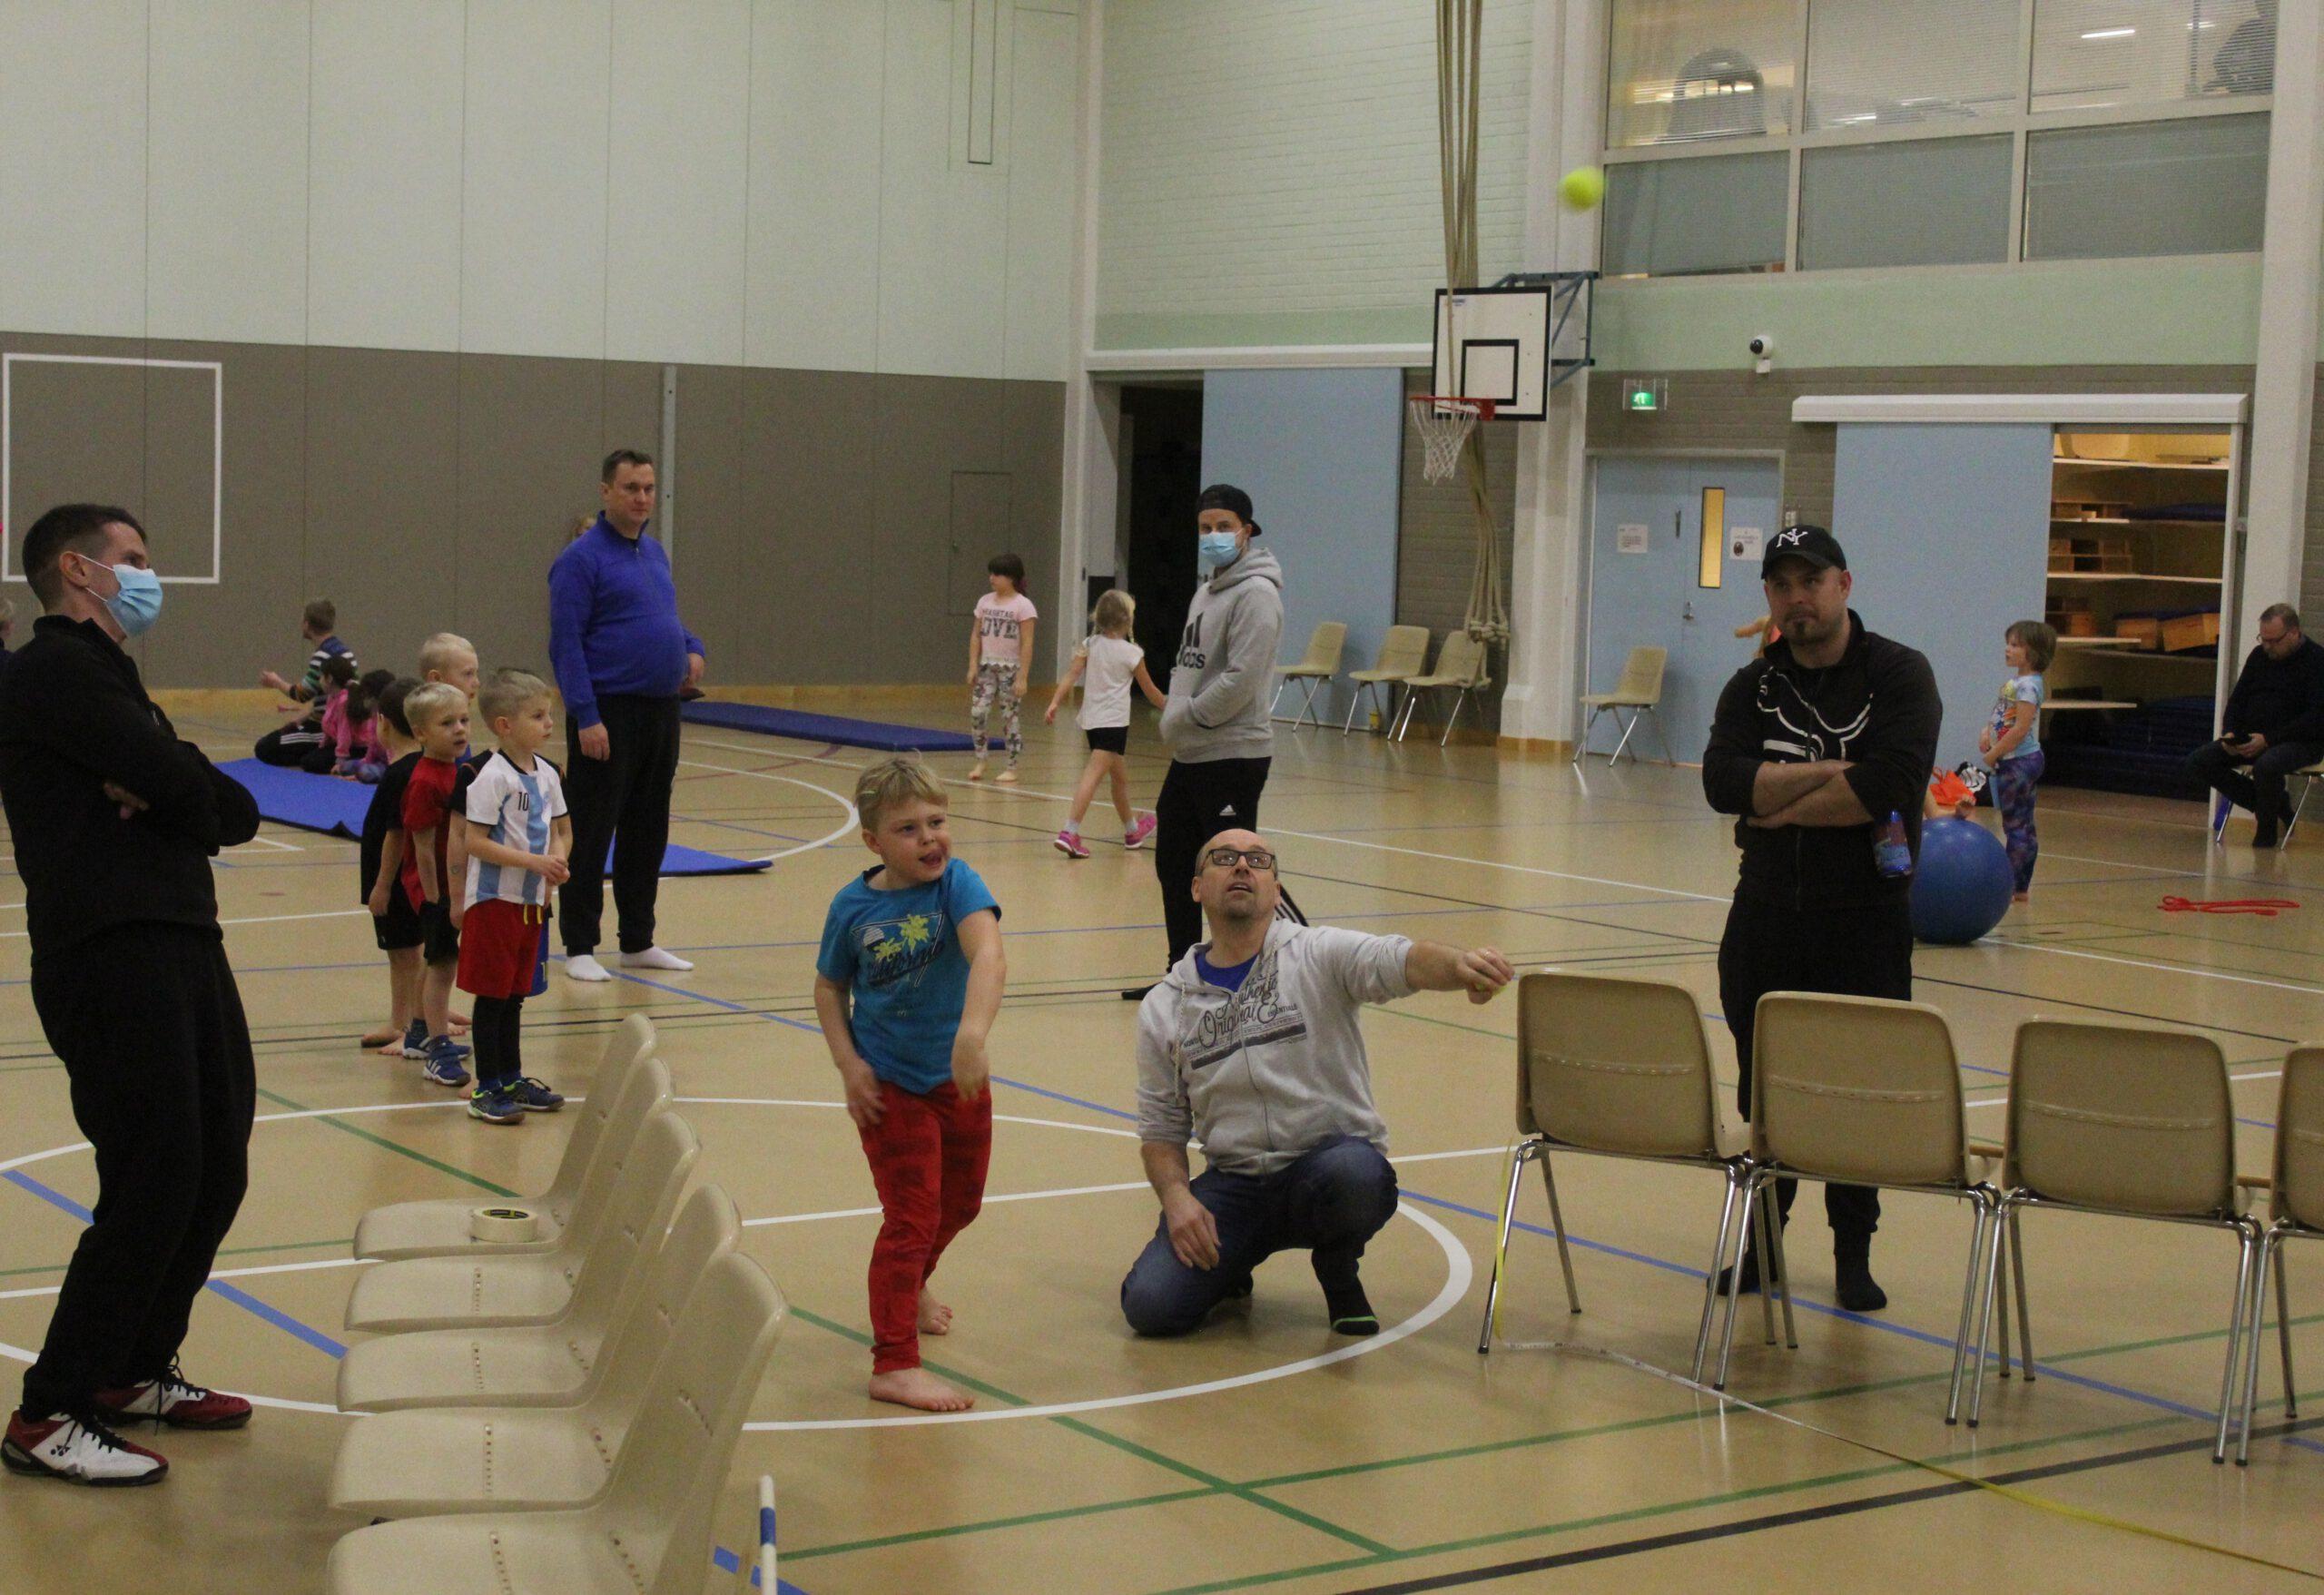 Lasten hallikisat urheilutalolla 18.11.2020